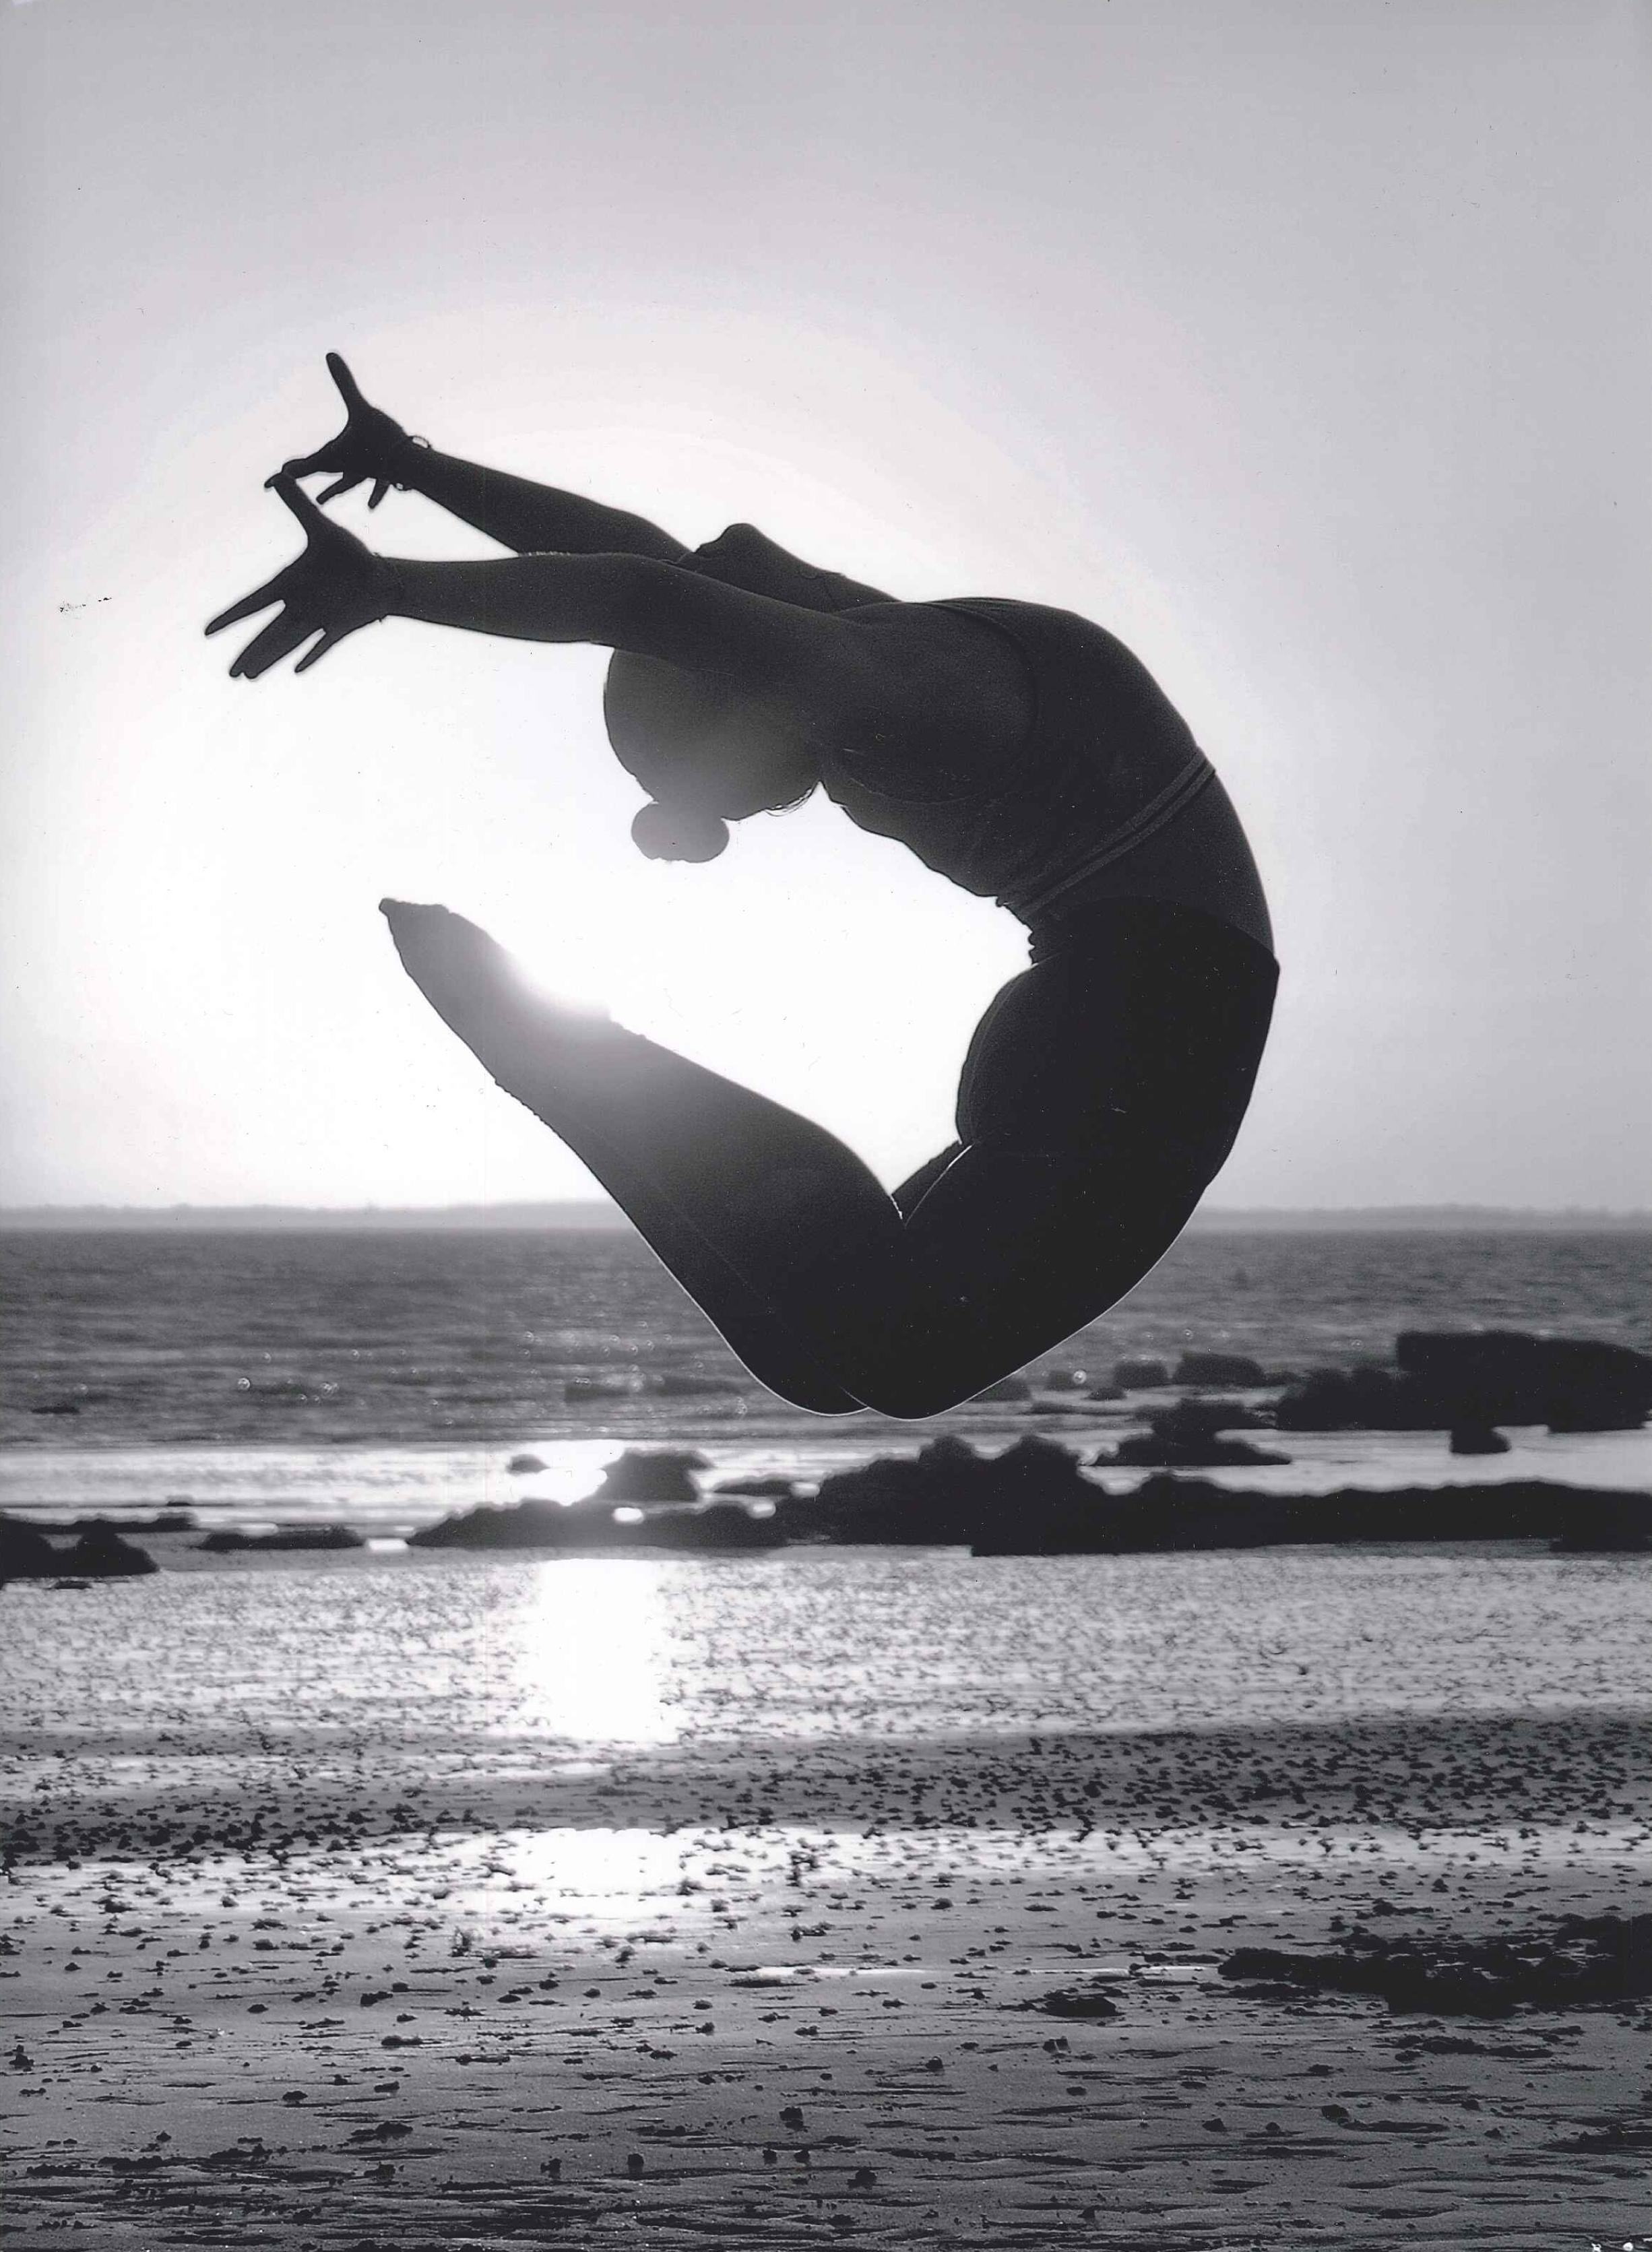 Le saut qui nargue le soleil de Roland GUILLET